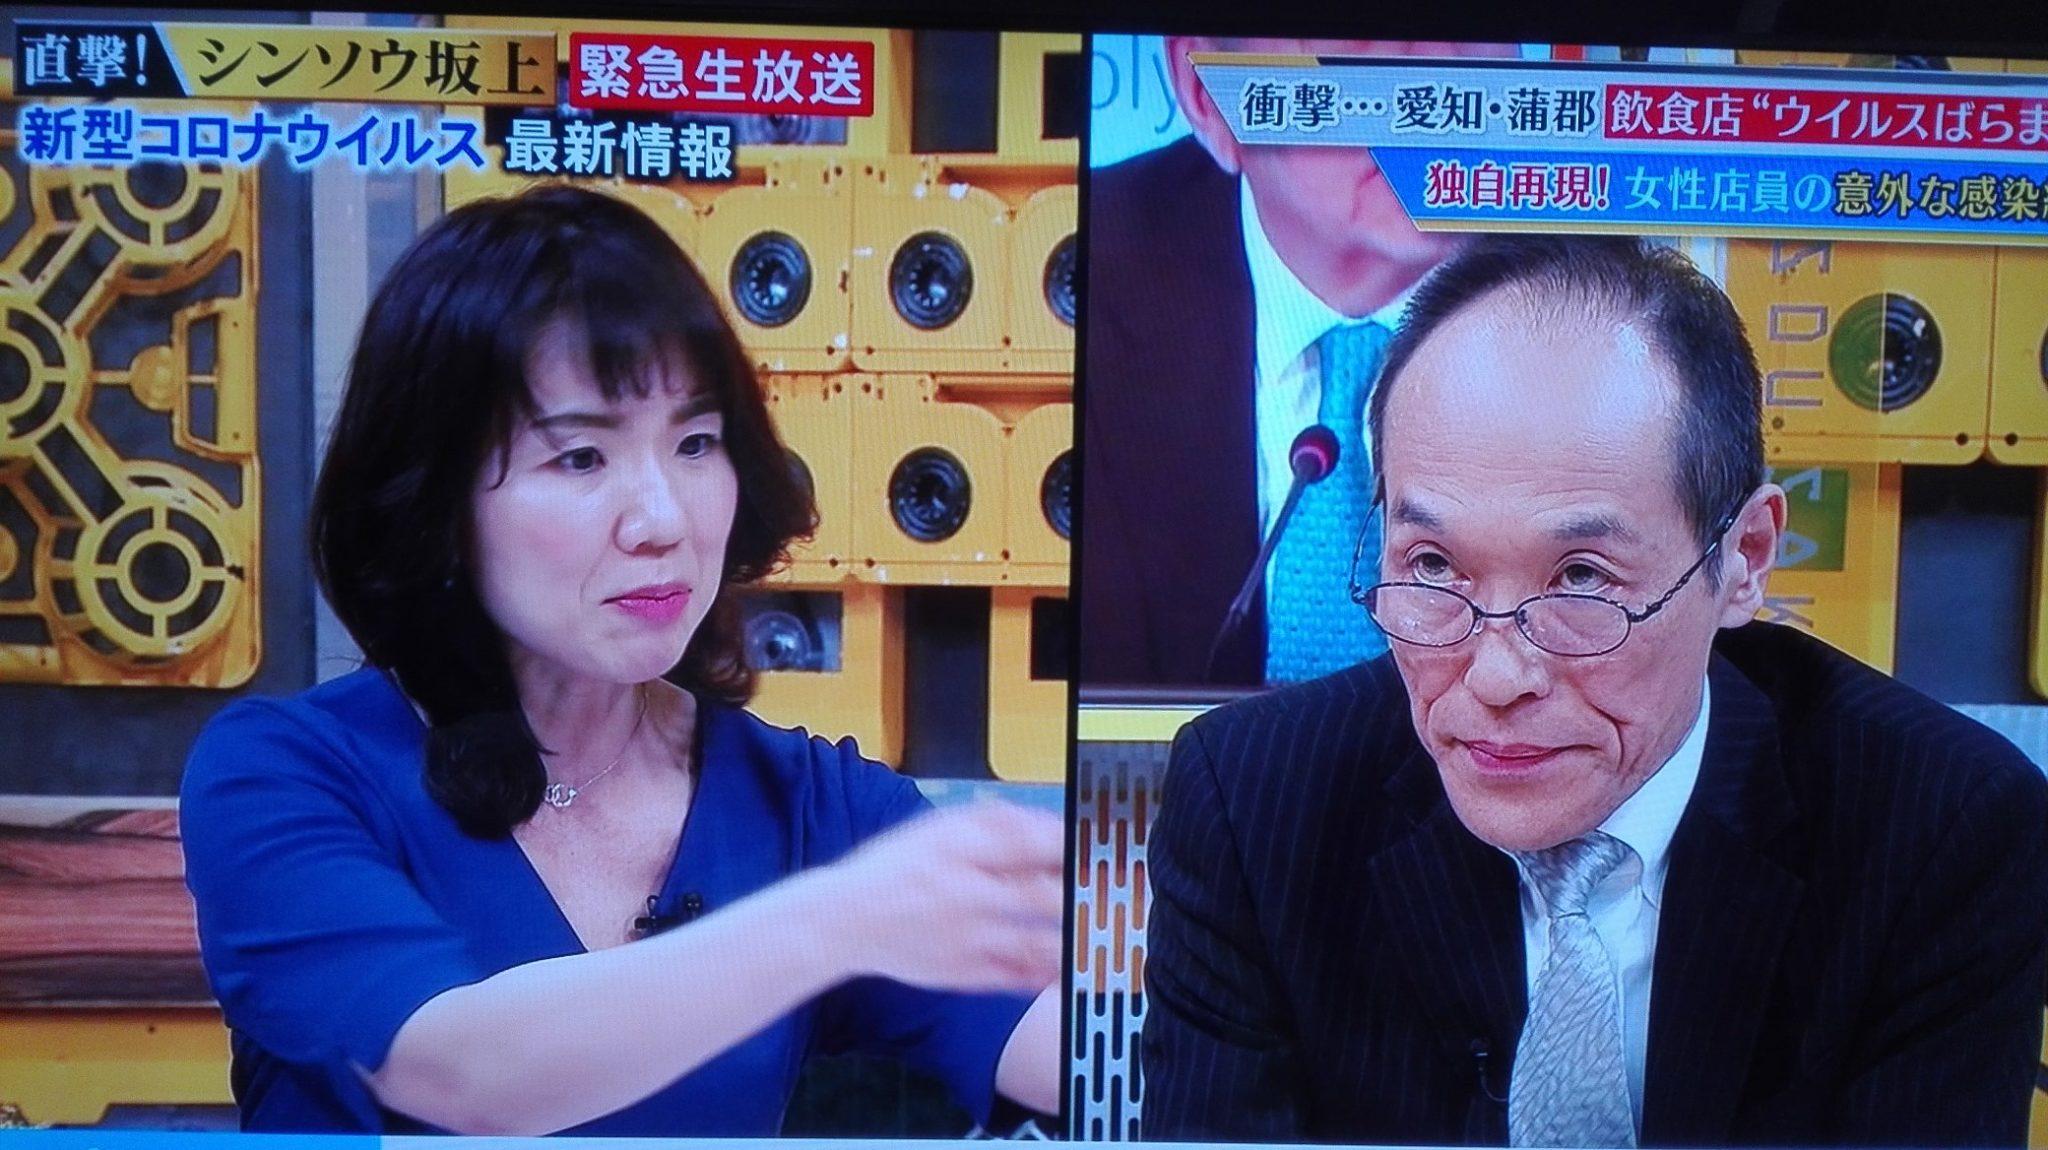 「このハゲー!」の豊田真由子がコメンテーターやってるけど・・・